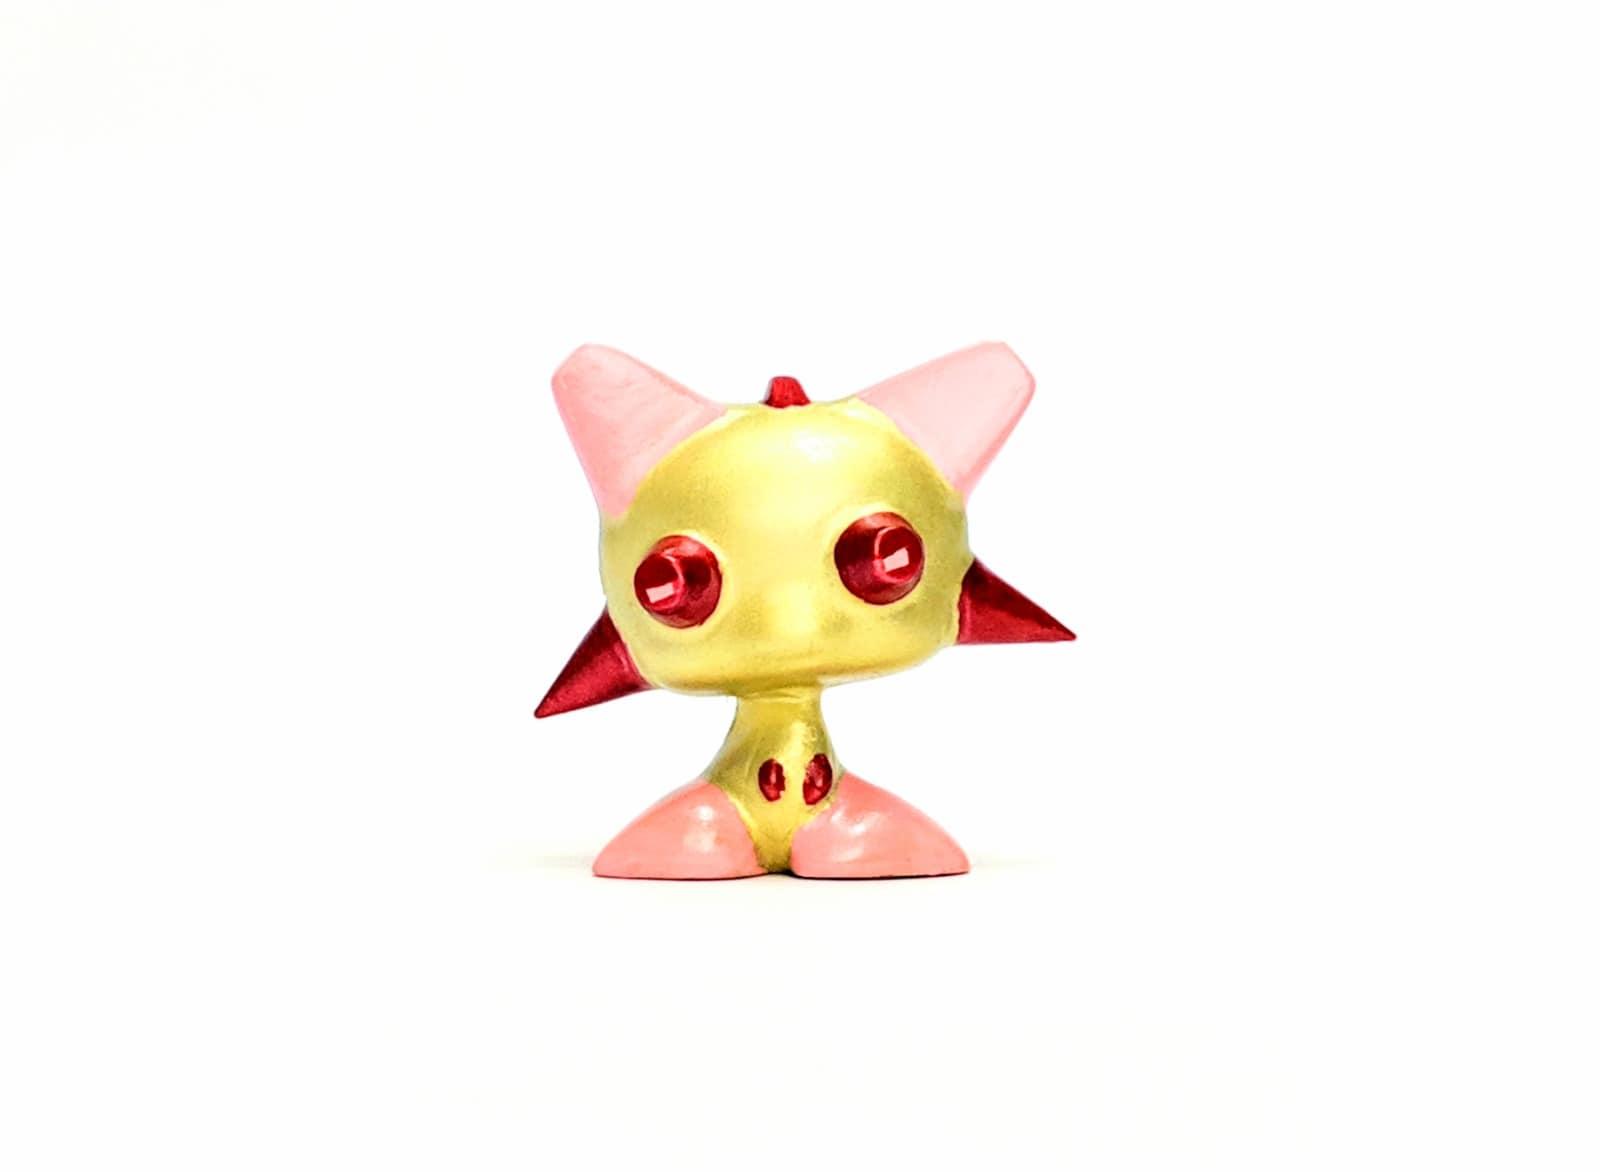 Kittka Loose Irikanji Facter Resin Art Toy